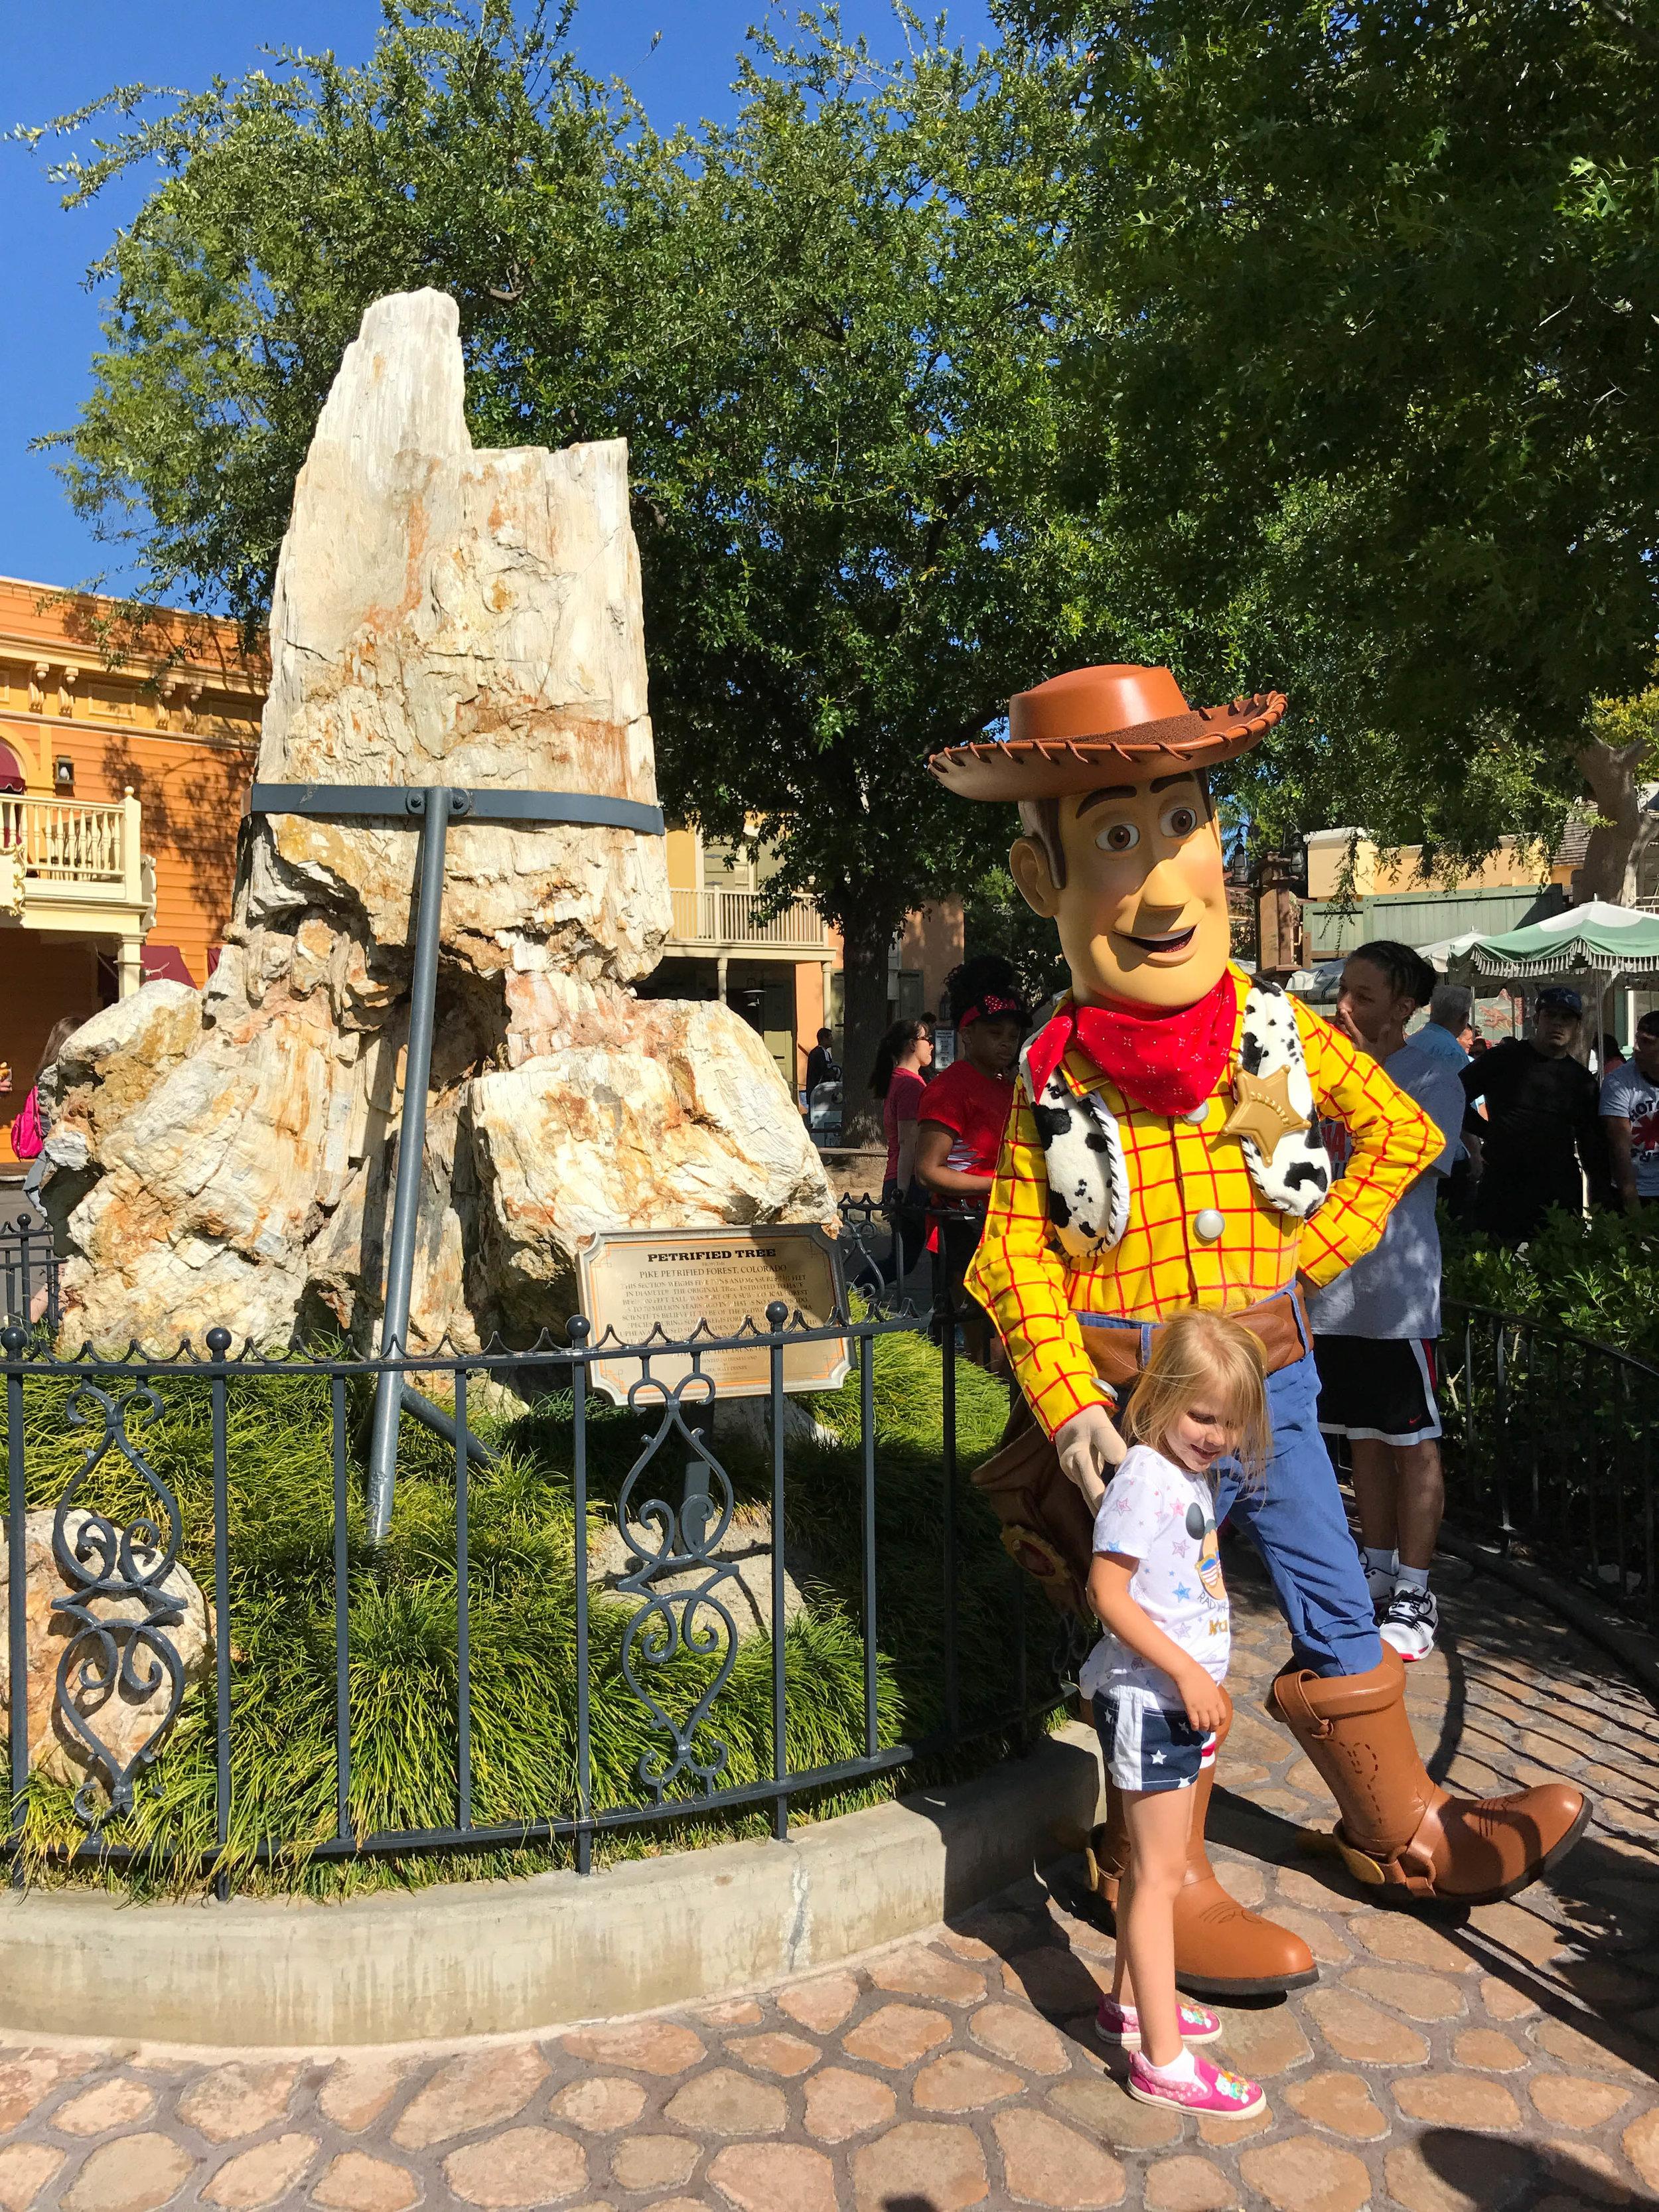 Disneyland_Woody_Petrified_wood.jpg